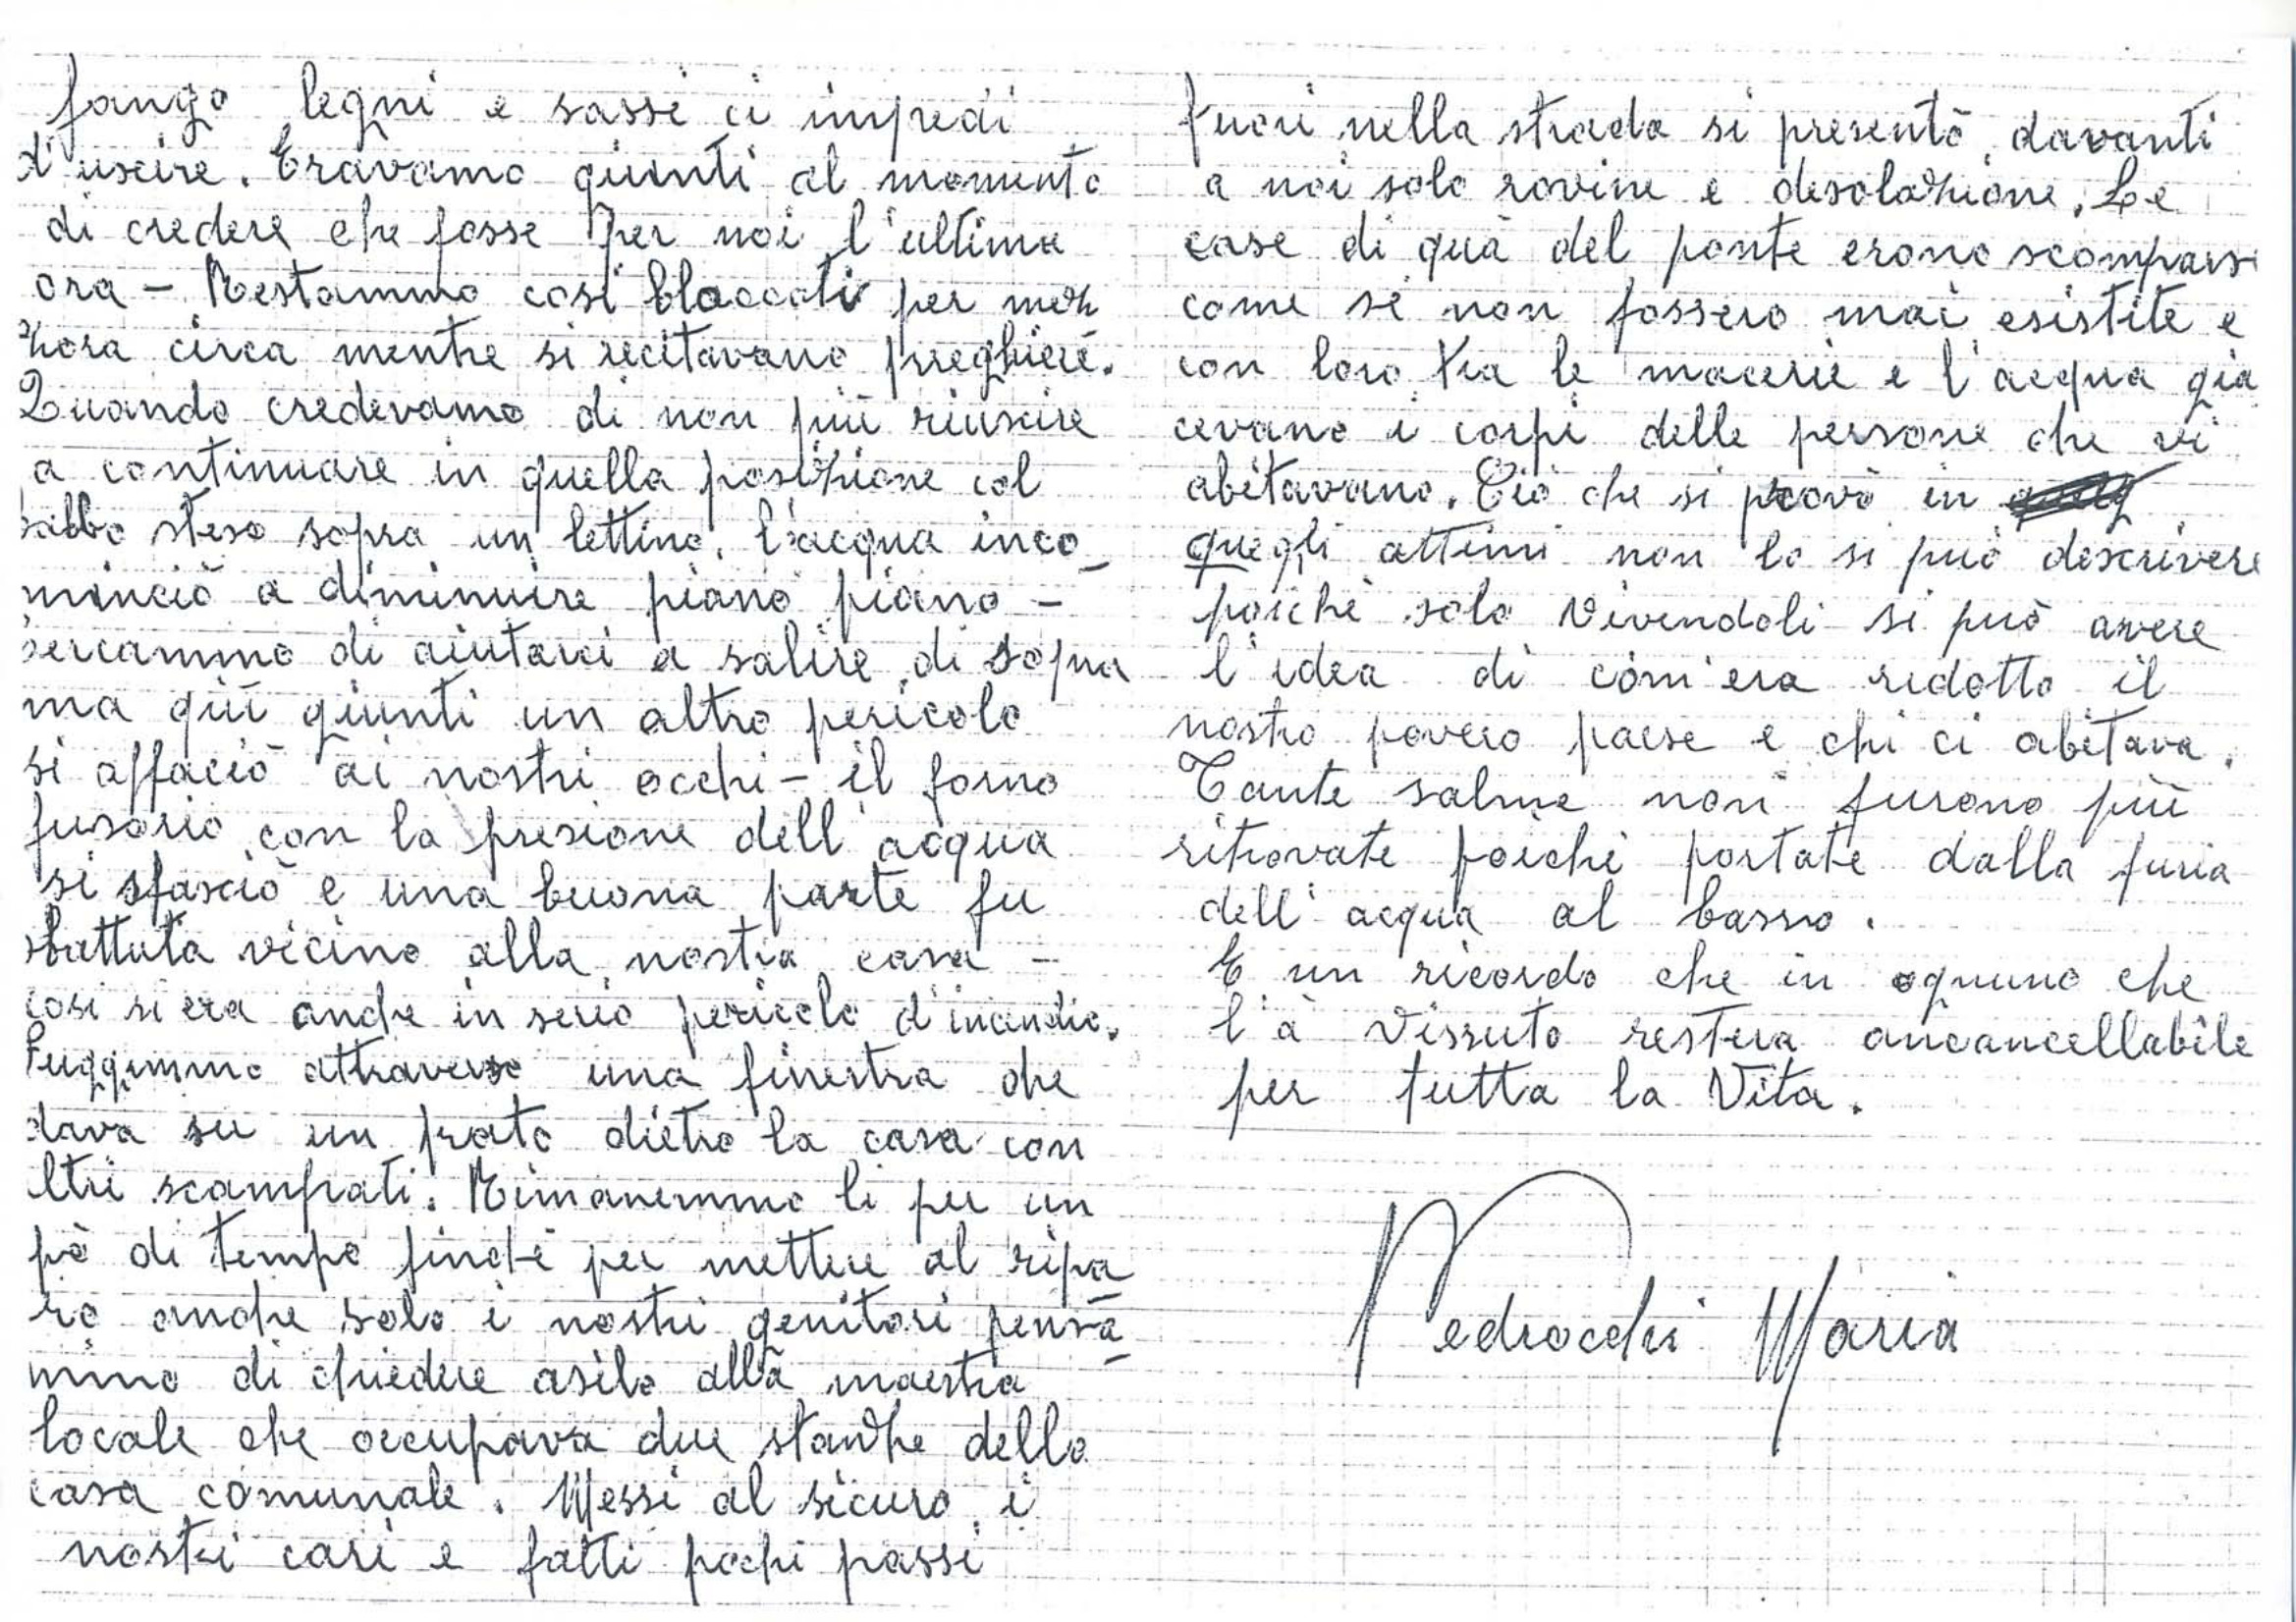 Lettera di Pedrocchi Maria vedova Visinoni_02